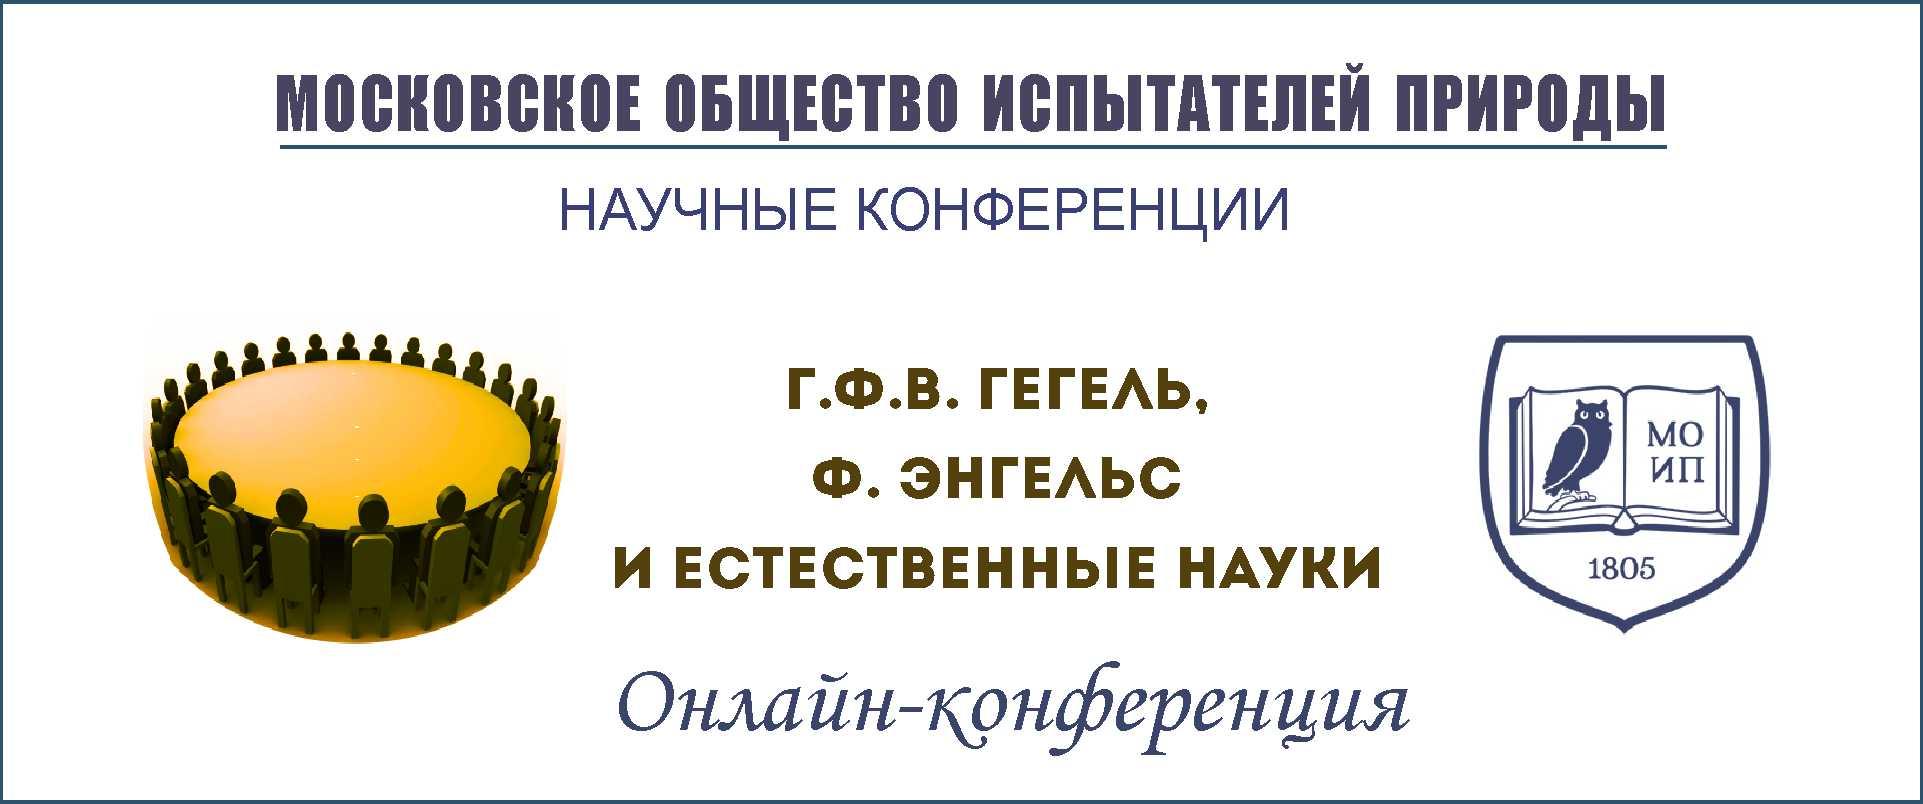 КОНФЕРЕНЦИЯ «Г.Ф.В. ГЕГЕЛЬ, Ф. ЭНГЕЛЬС И ЕСТЕСТВЕННЫЕ НАУКИ»